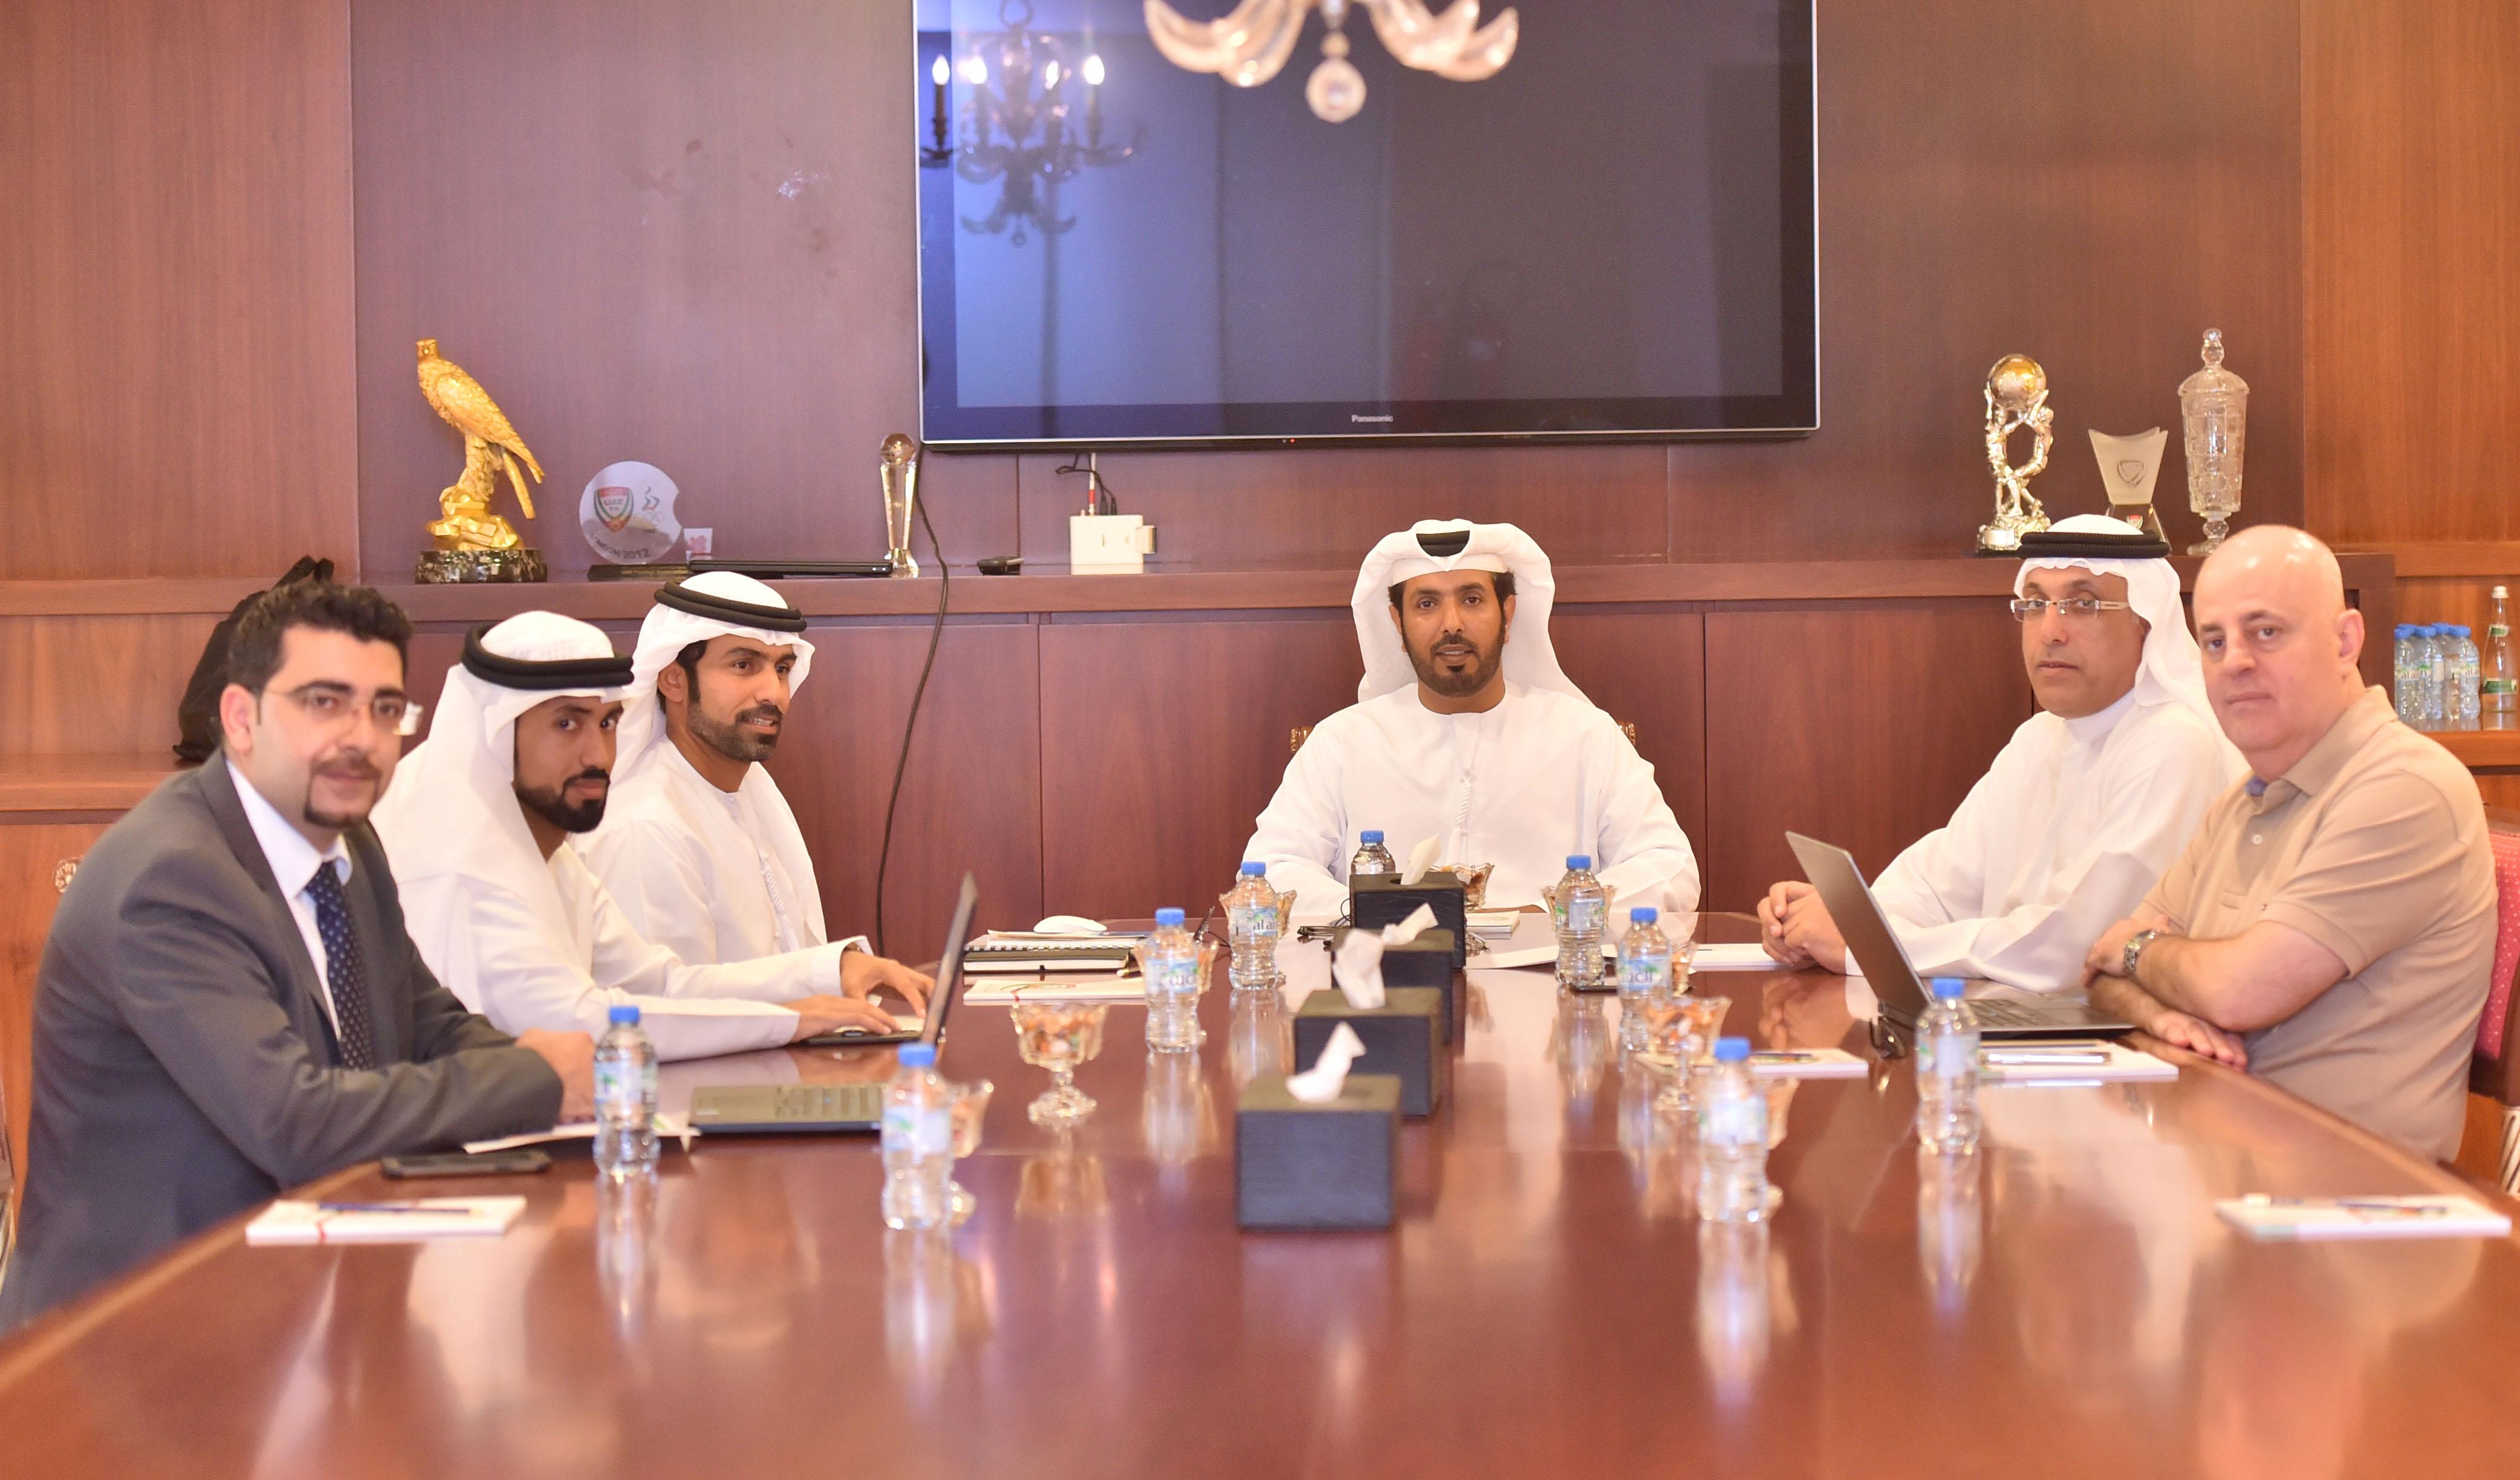 اتحاد الكرة الإماراتي يعمل على تطبيق الاحتراف في جميع أندية الدولة - كرة قدم - كرة عربية - سبورت360 عربية